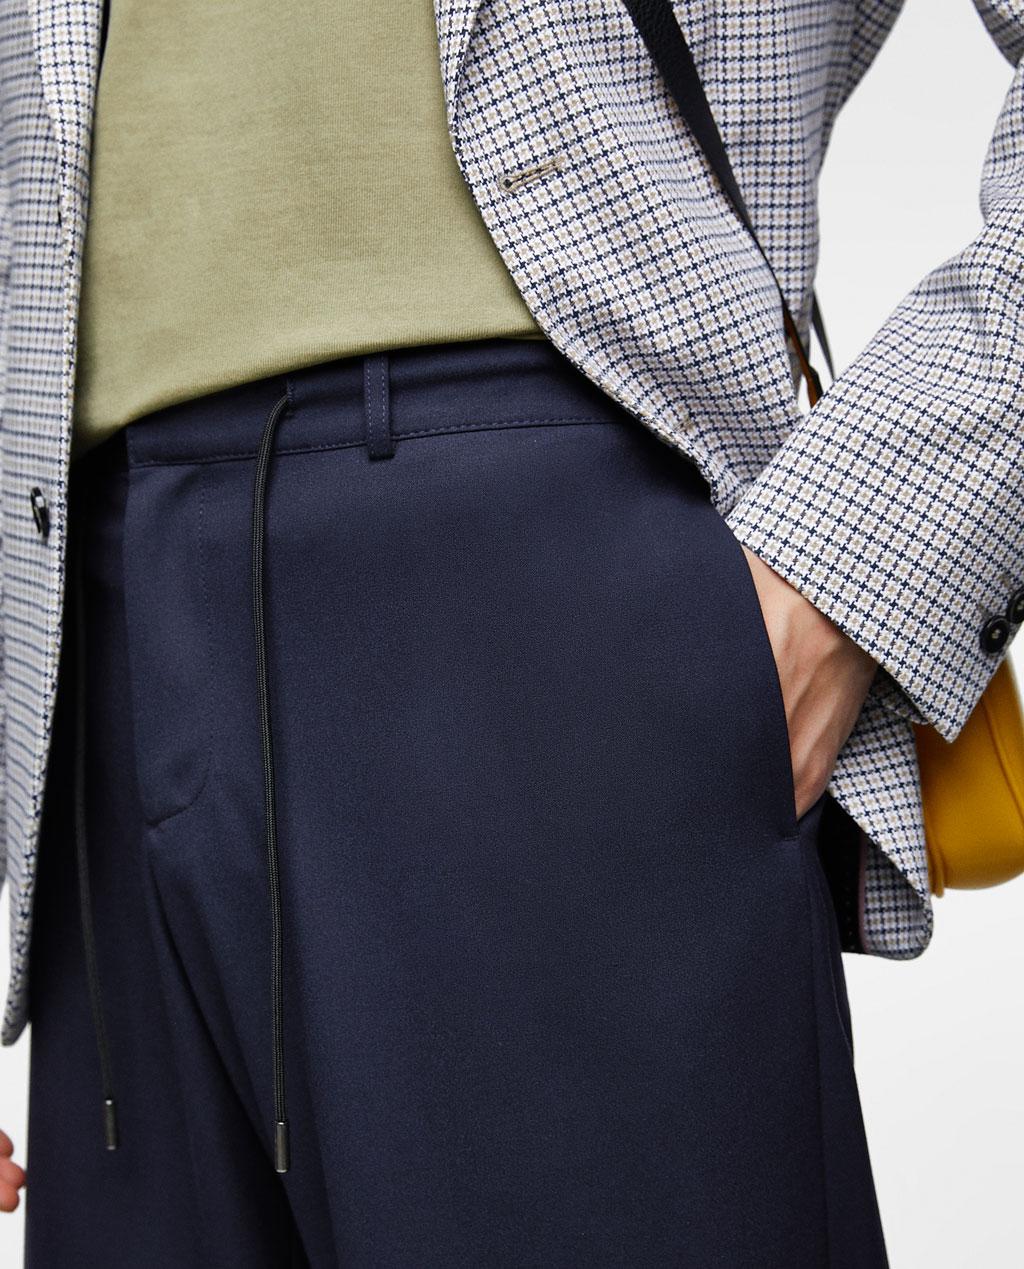 Thời trang nam Zara  24073 - ảnh 5